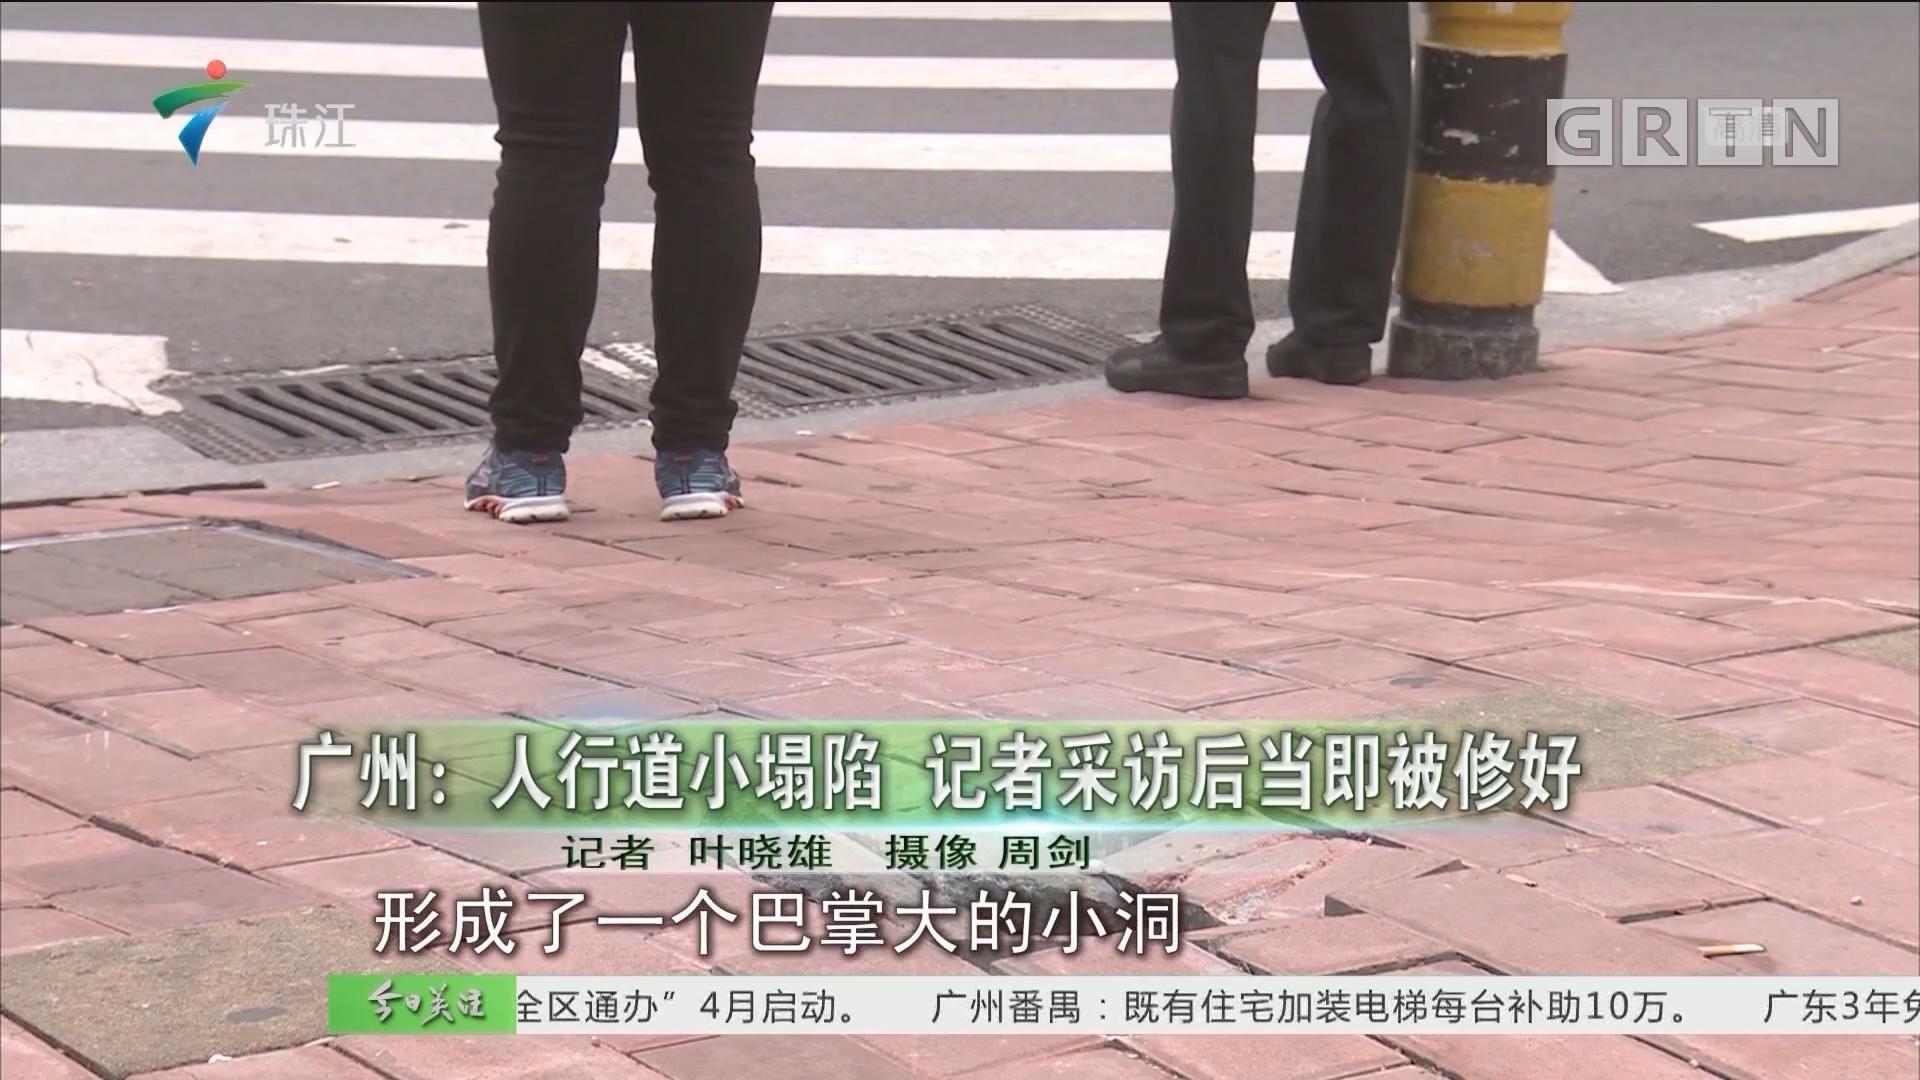 广州:人行道小塌陷 记者采访后当即被修好